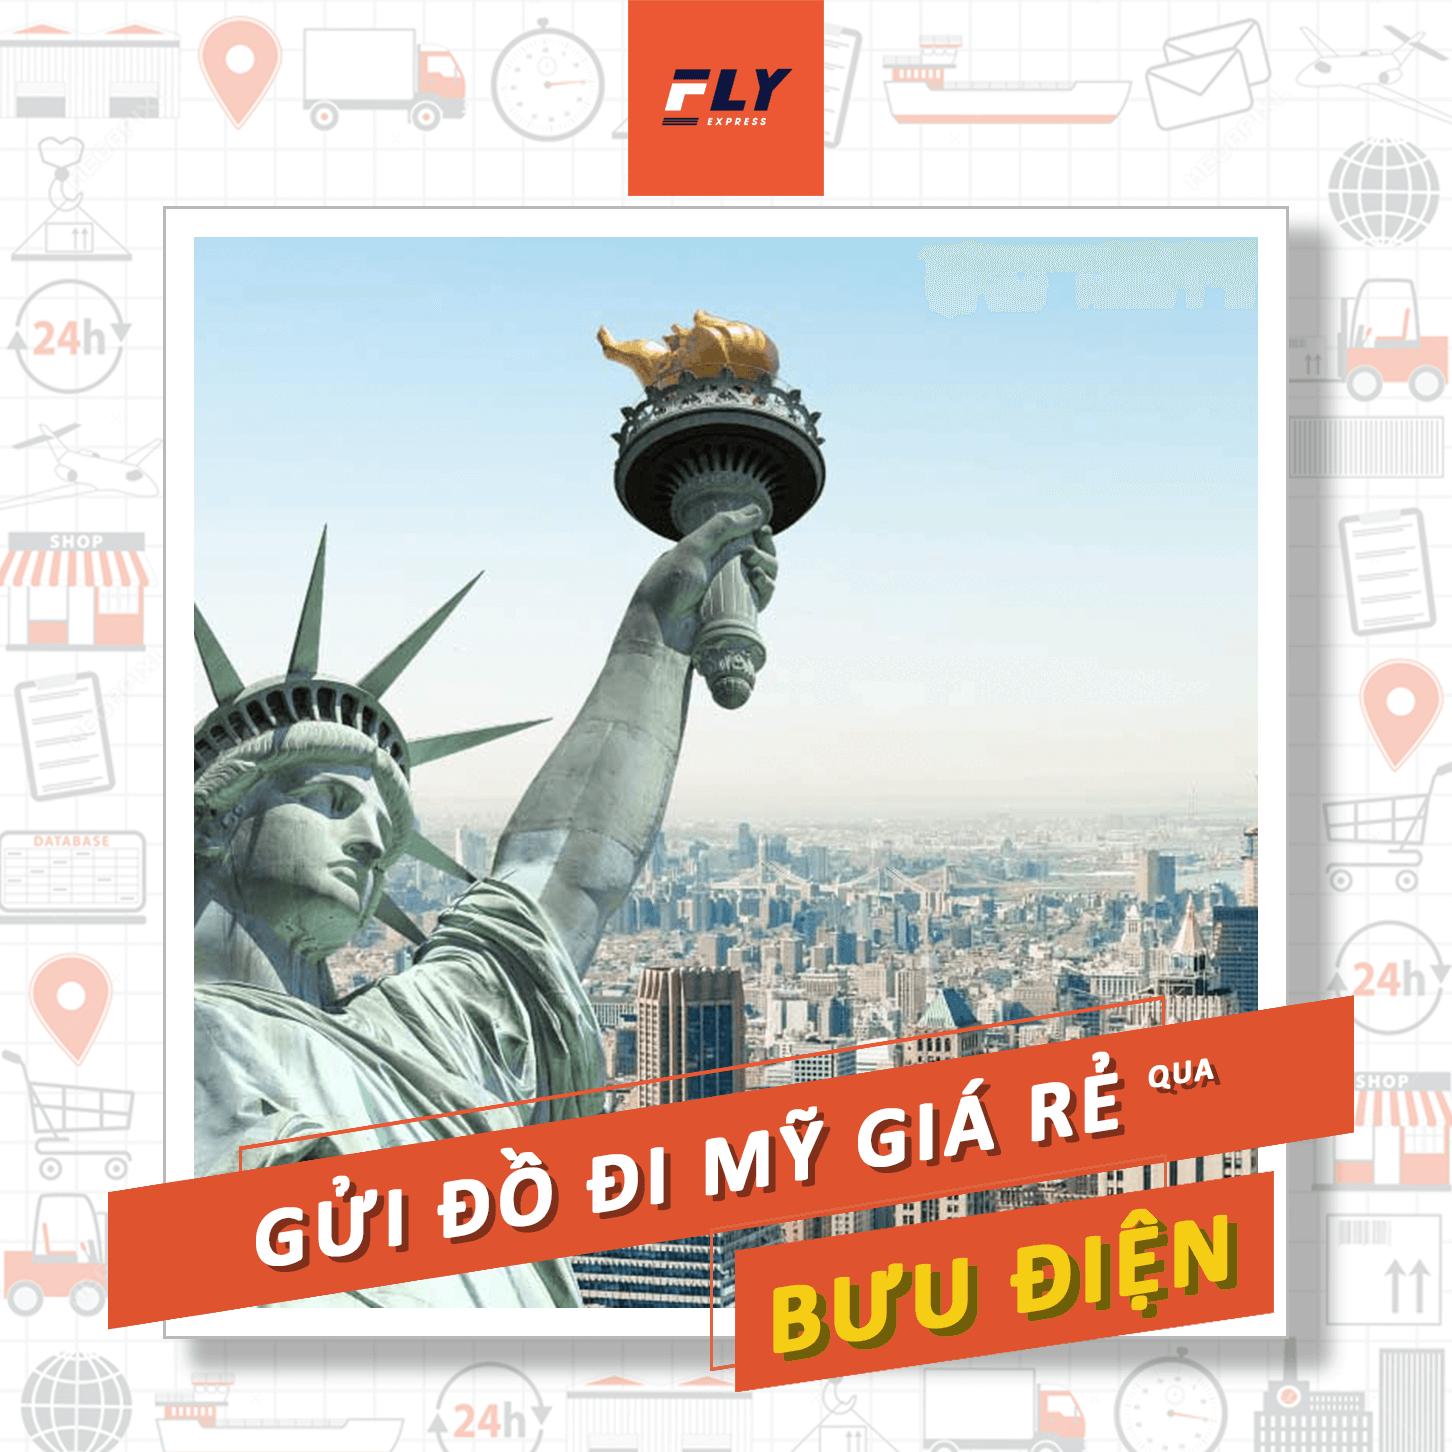 gui do di my qua buu dien - Gửi đồ đi Mỹ qua bưu điện tiết kiệm chi phí nhất